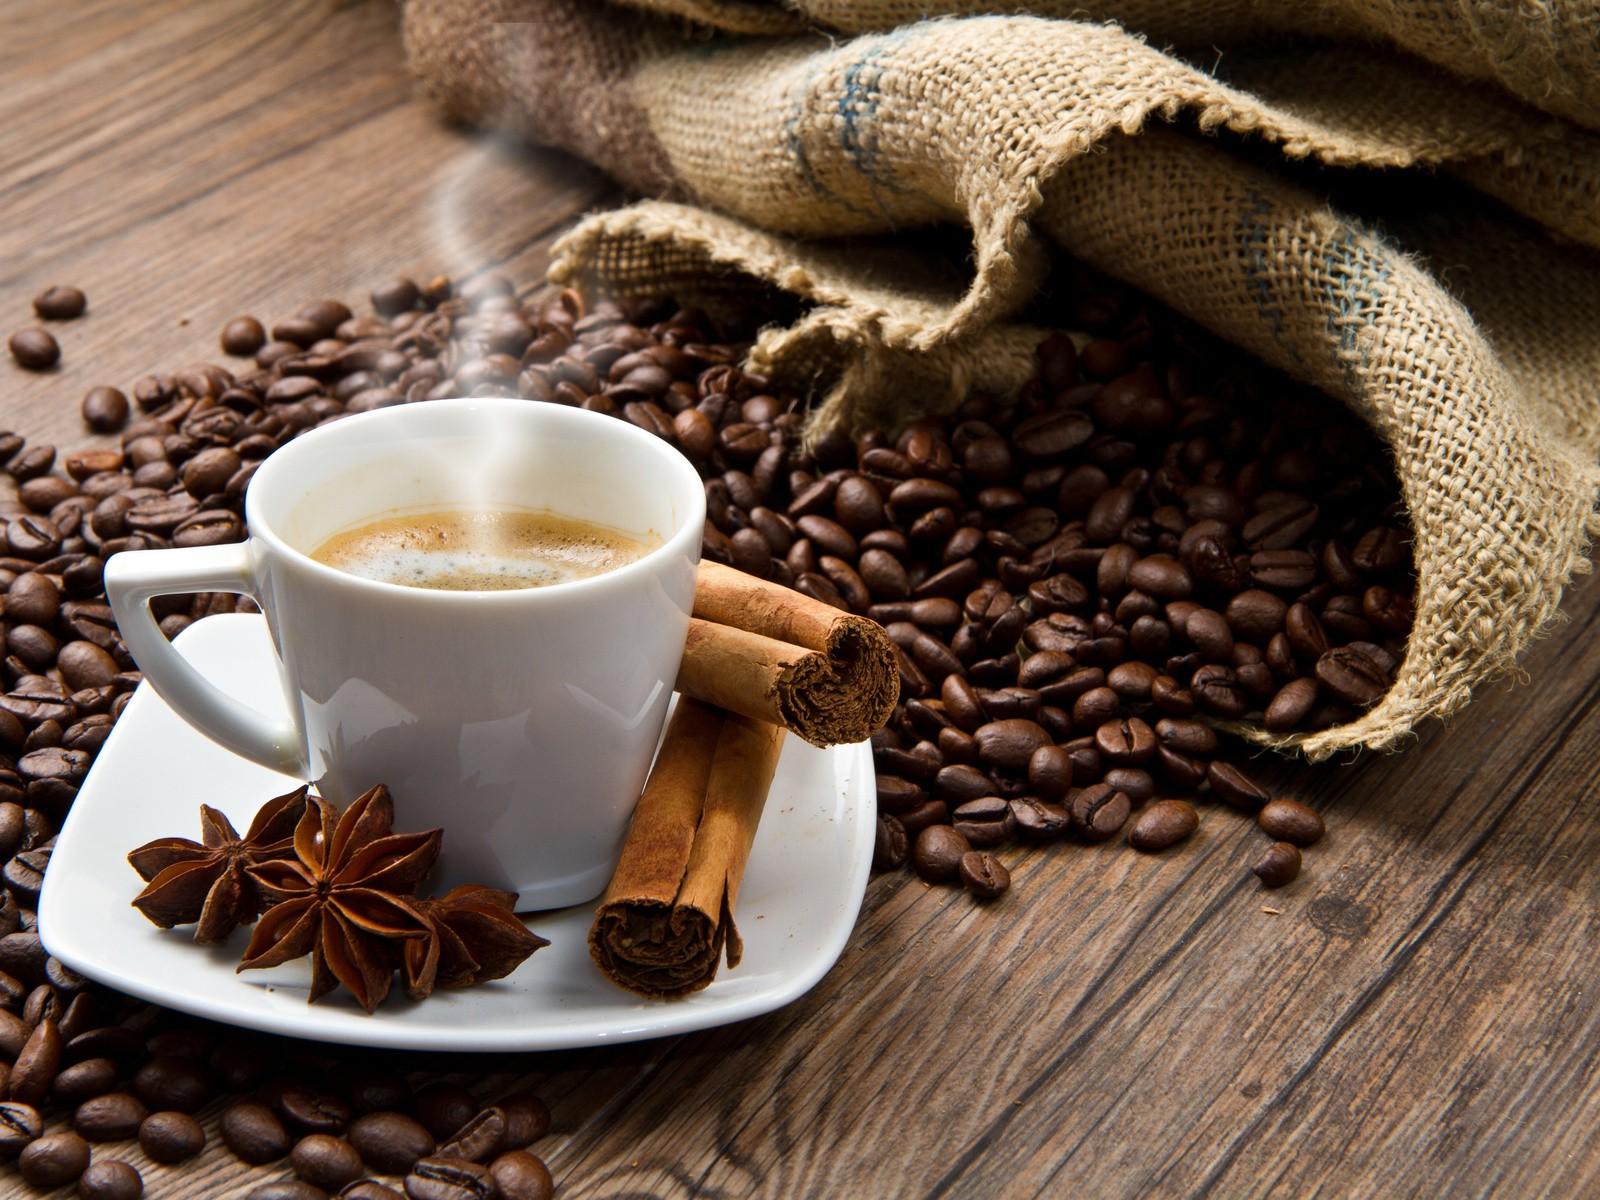 Картинка с кружкой кофе доброе утро, днем